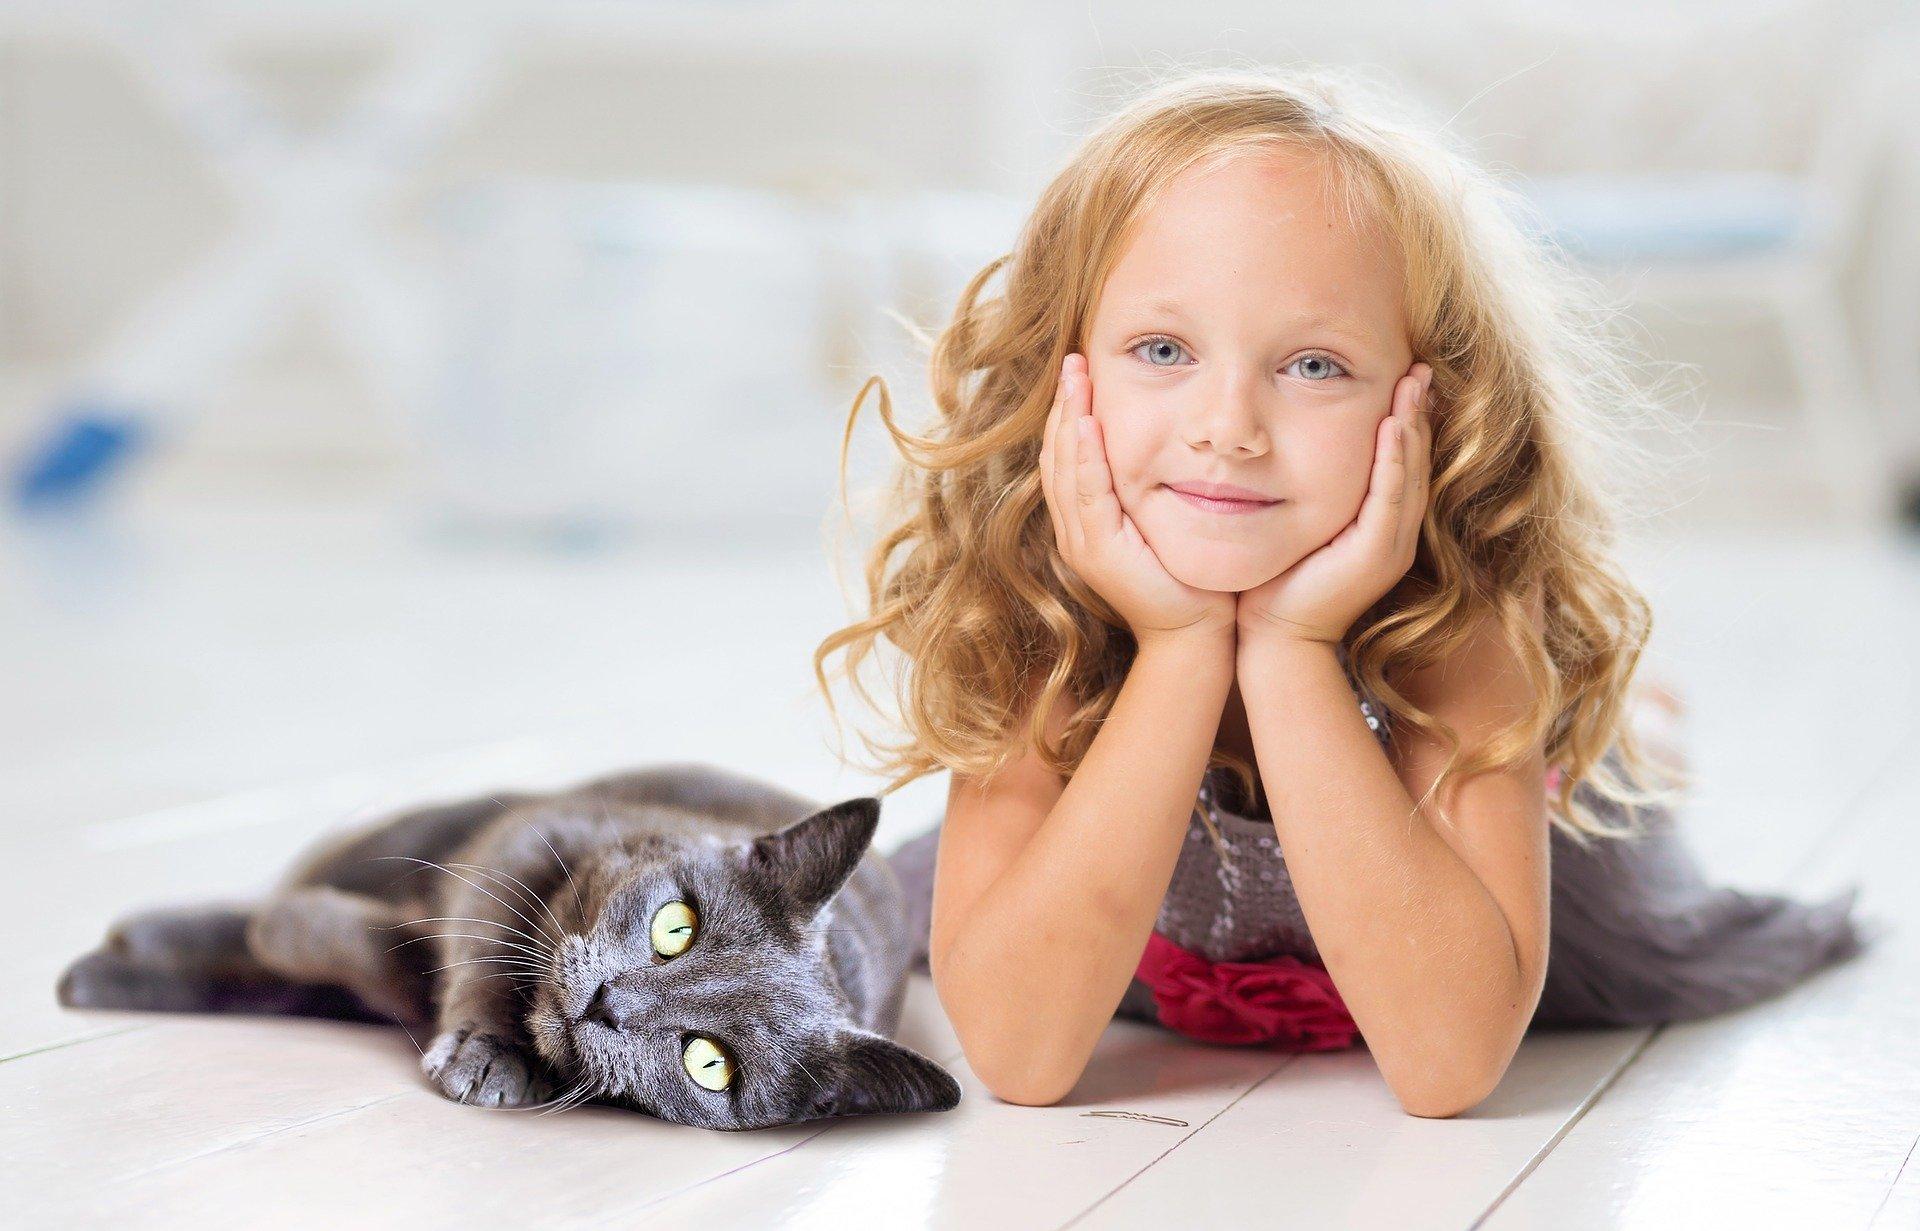 Decydując się na zwierzę należy wziąć pod uwagę wiele rzeczy i czynników. Warto sprawdzić czy żaden z domowników nie ma alergii na sierść, a mając dziecko najlepiej wybrać osobnika wykazującego cechy cierpliwości, łagodności i unikania konfliktów.